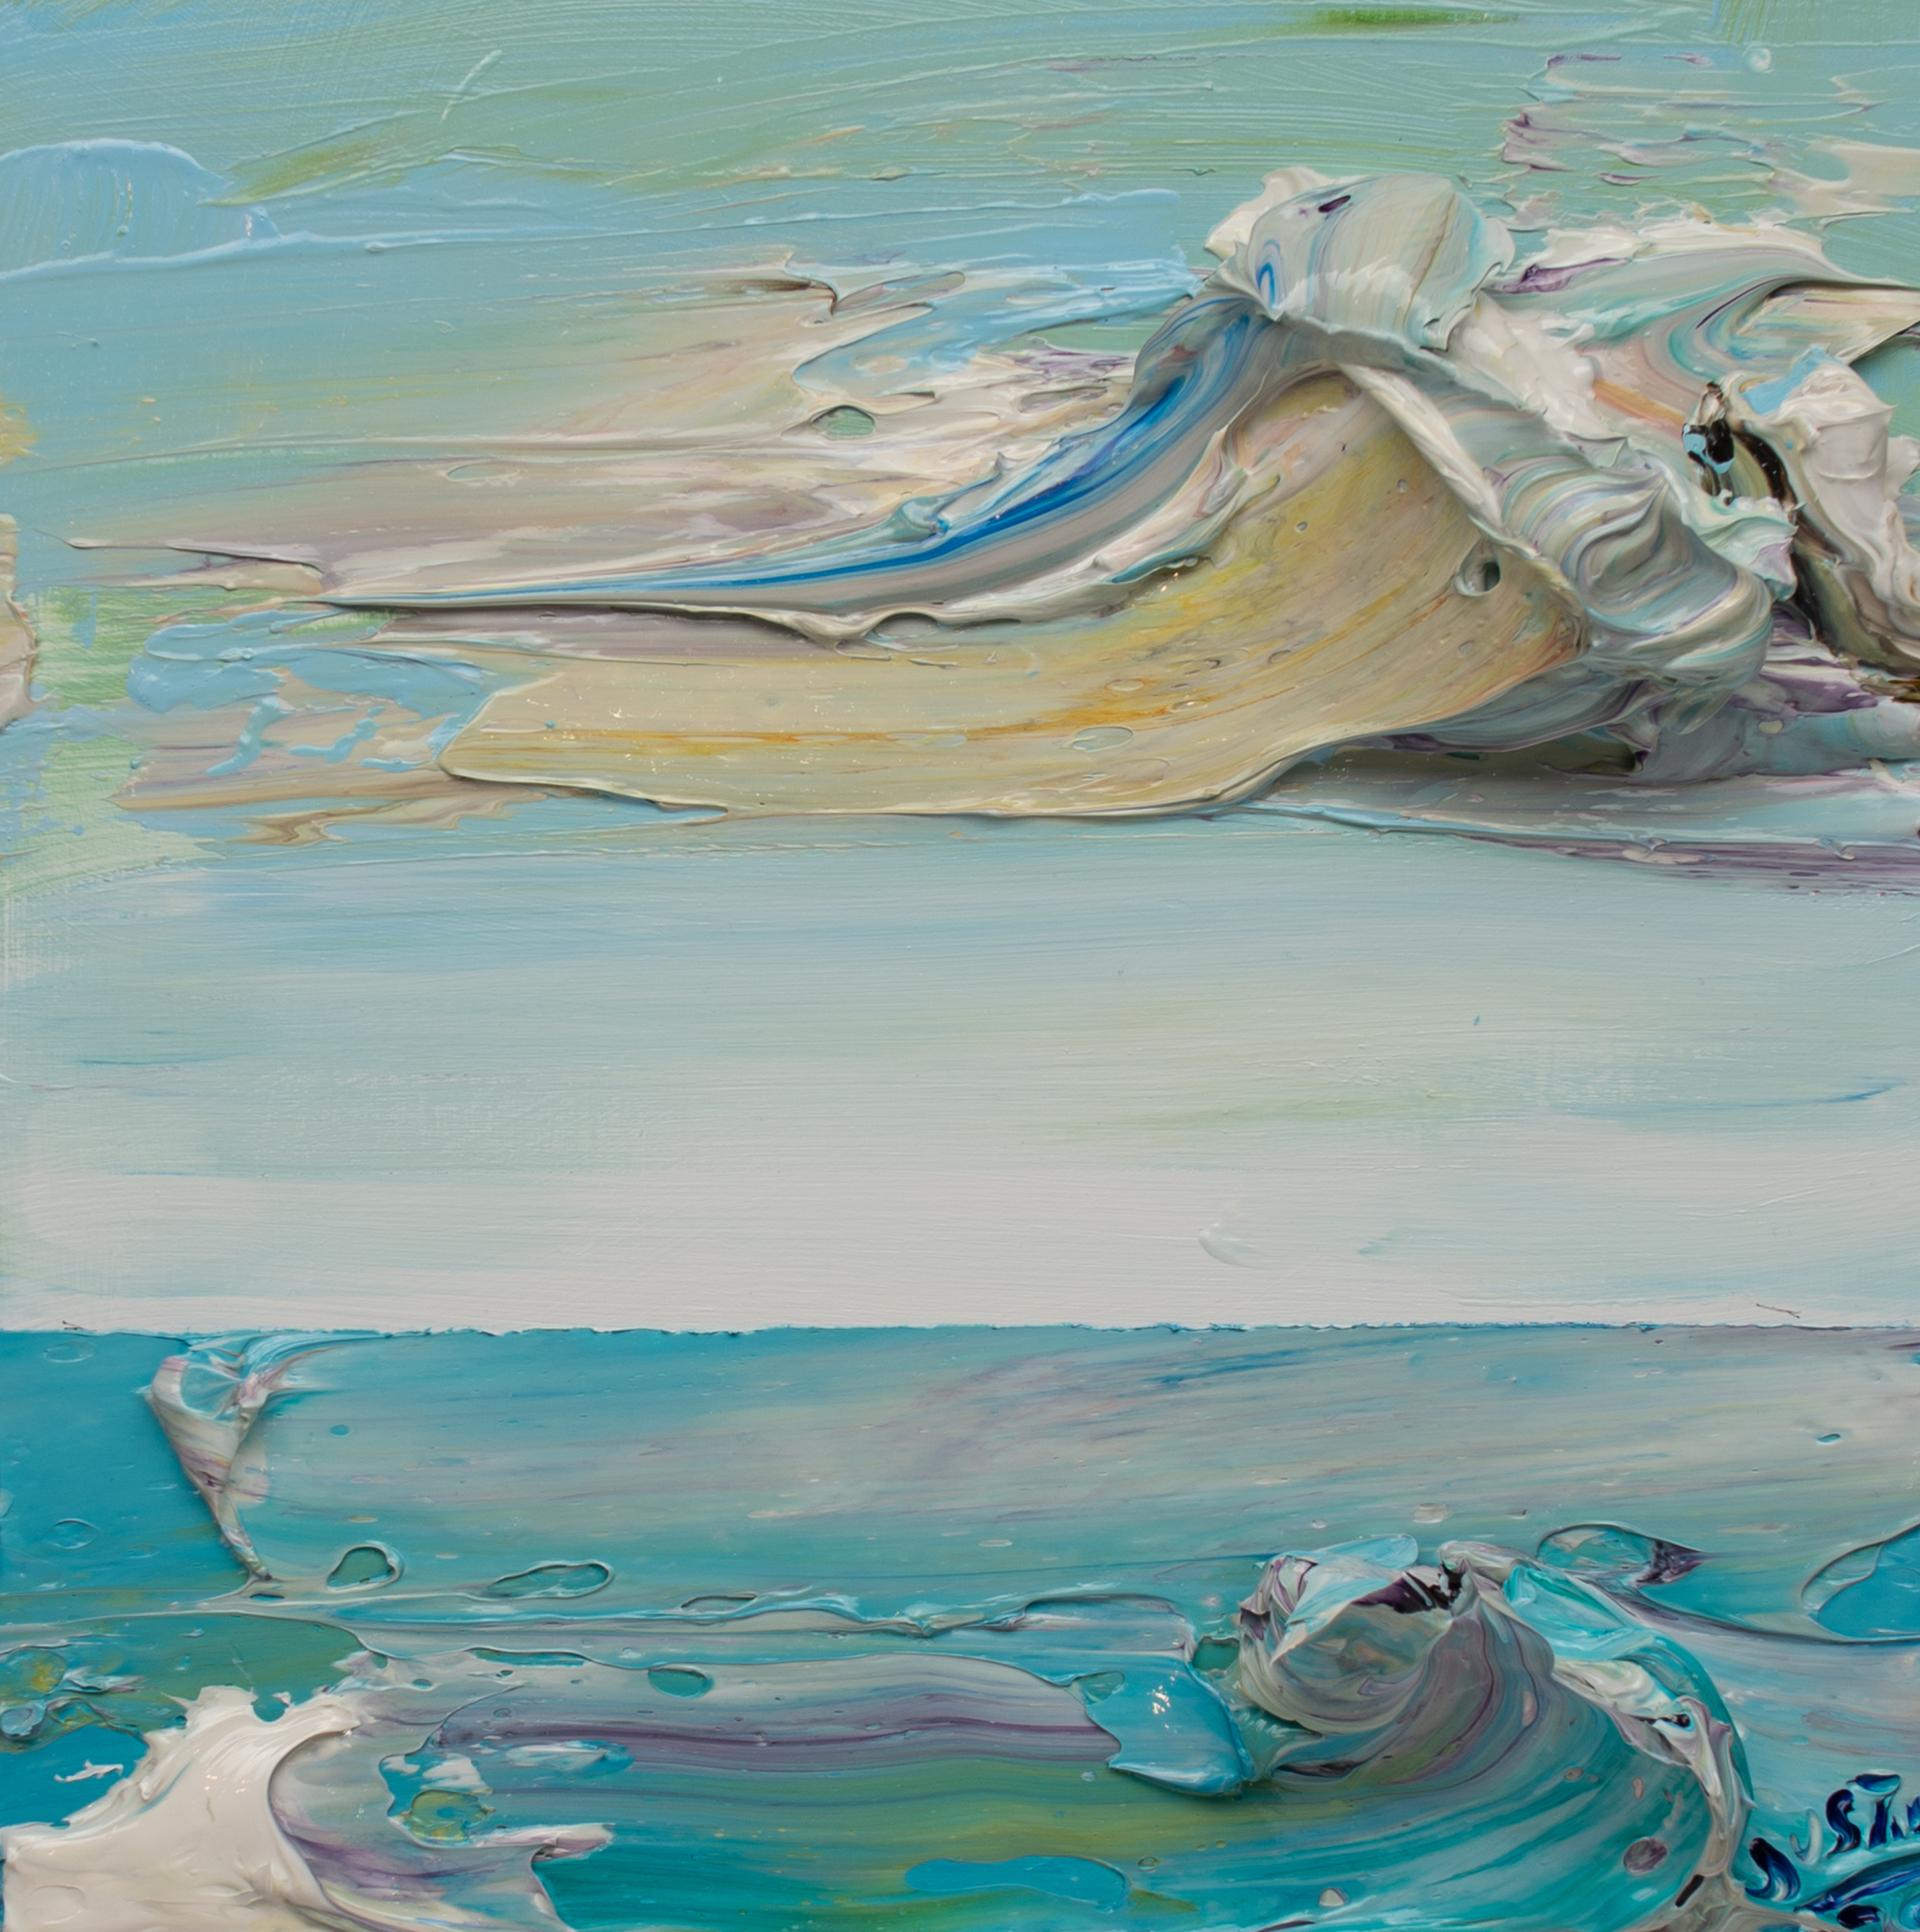 SEASCAPE SS-12x12-2020-067 by JUSTIN GAFFREY